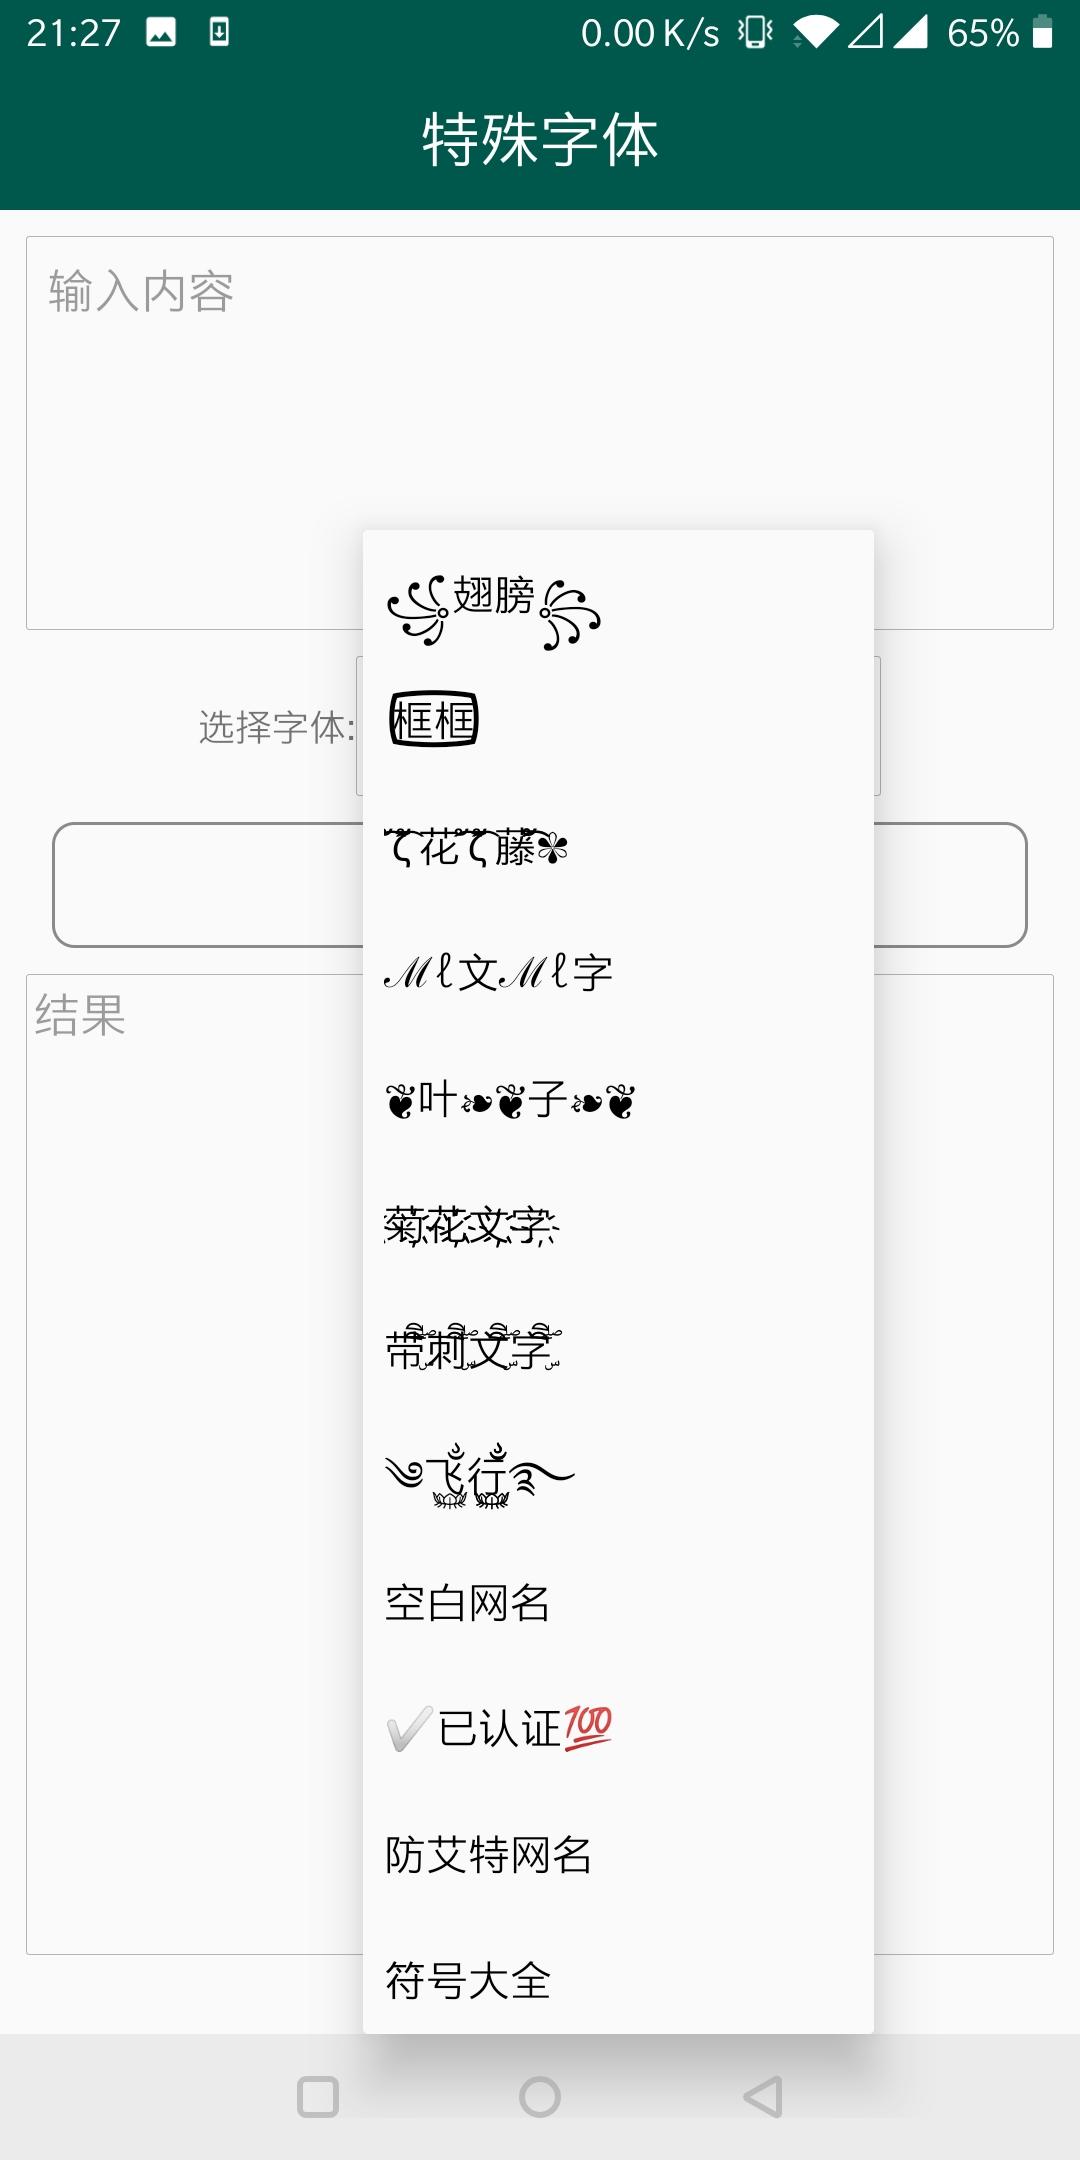 【分享】转字符图v2.4特殊字符重复名q装x名片个性二维码等多功-爱小助